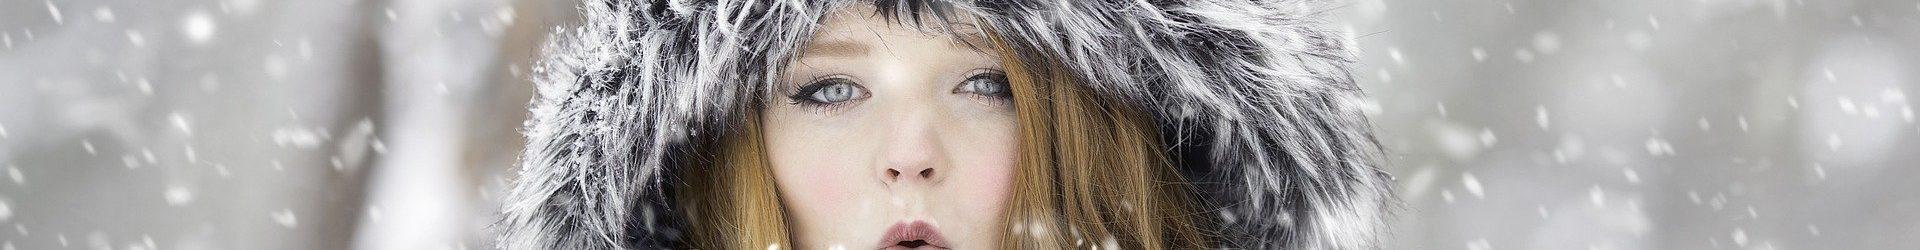 Come affrontare l'inverno: corpo e mente*